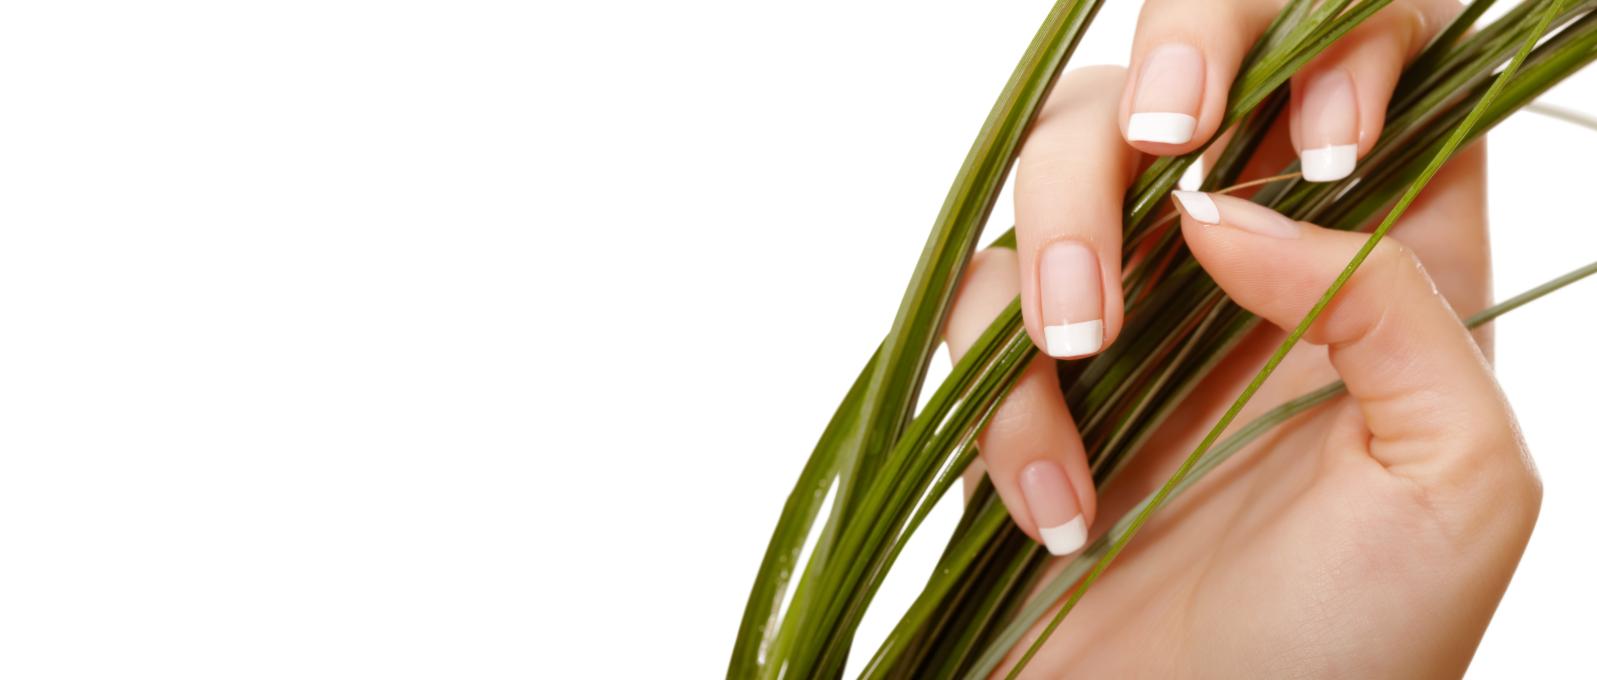 newly polished nail grabbing green grass